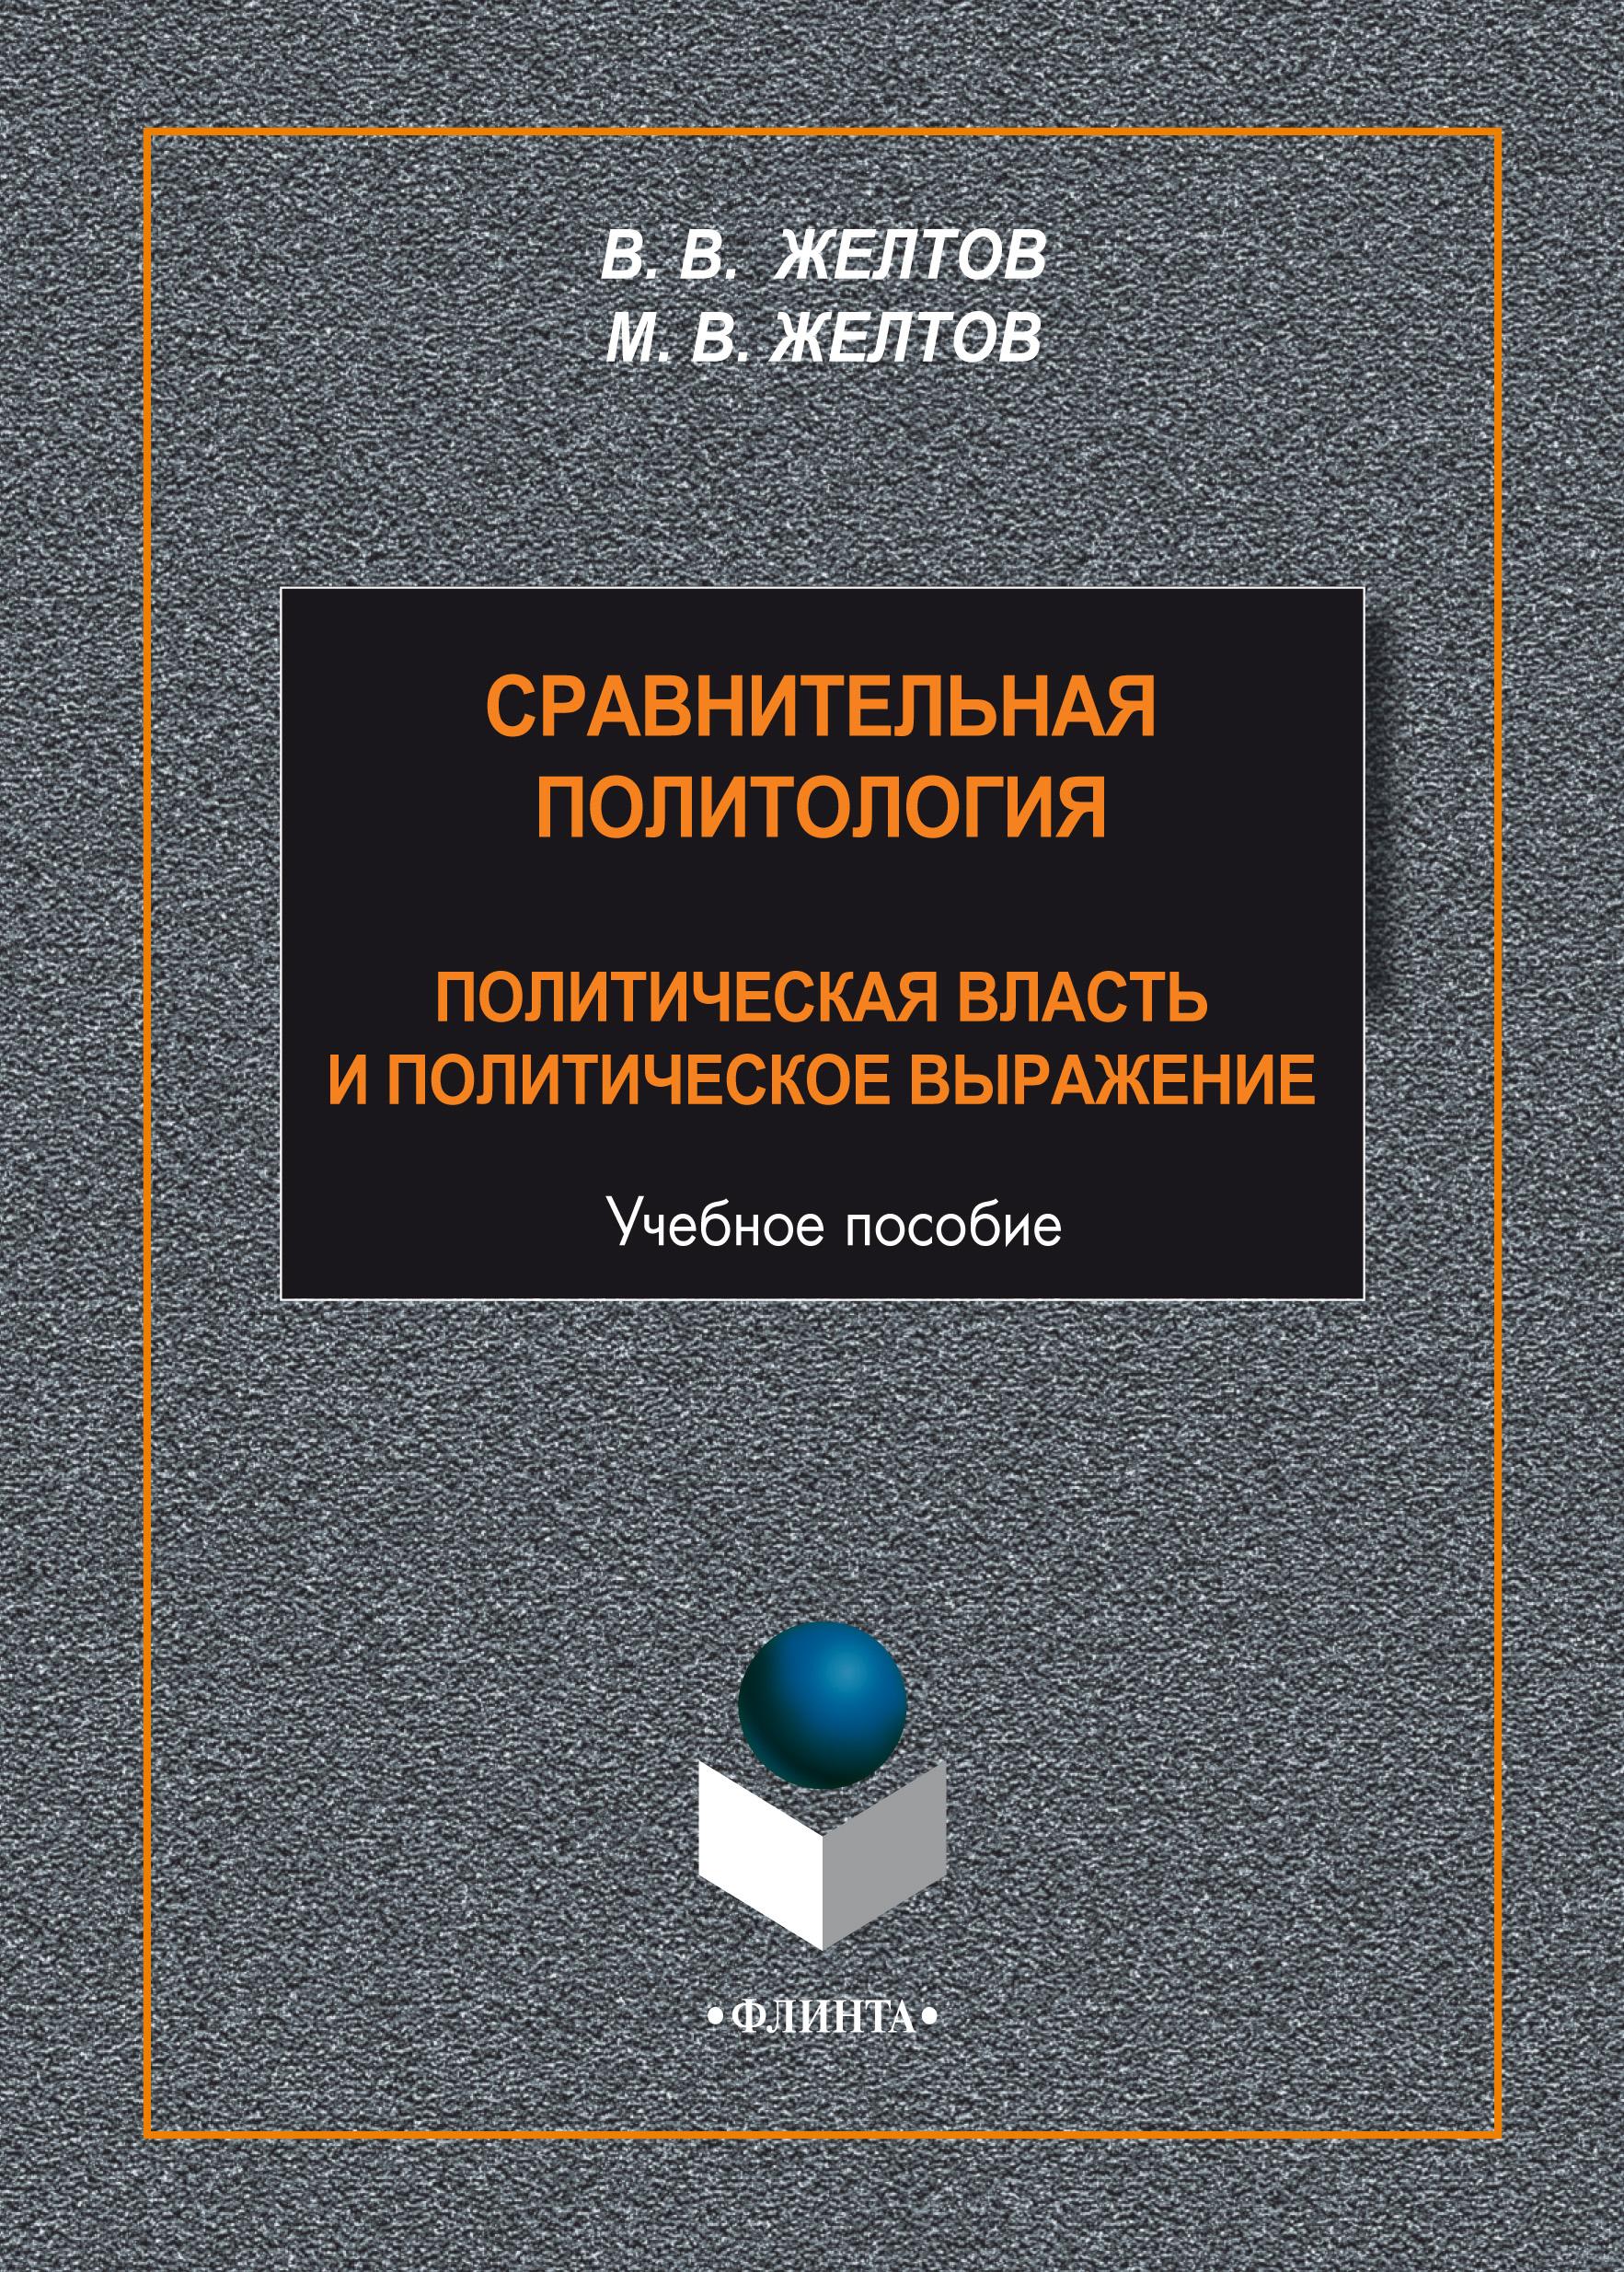 цена на В. В. Желтов Сравнительная политология. Политическая власть и политическое выражение